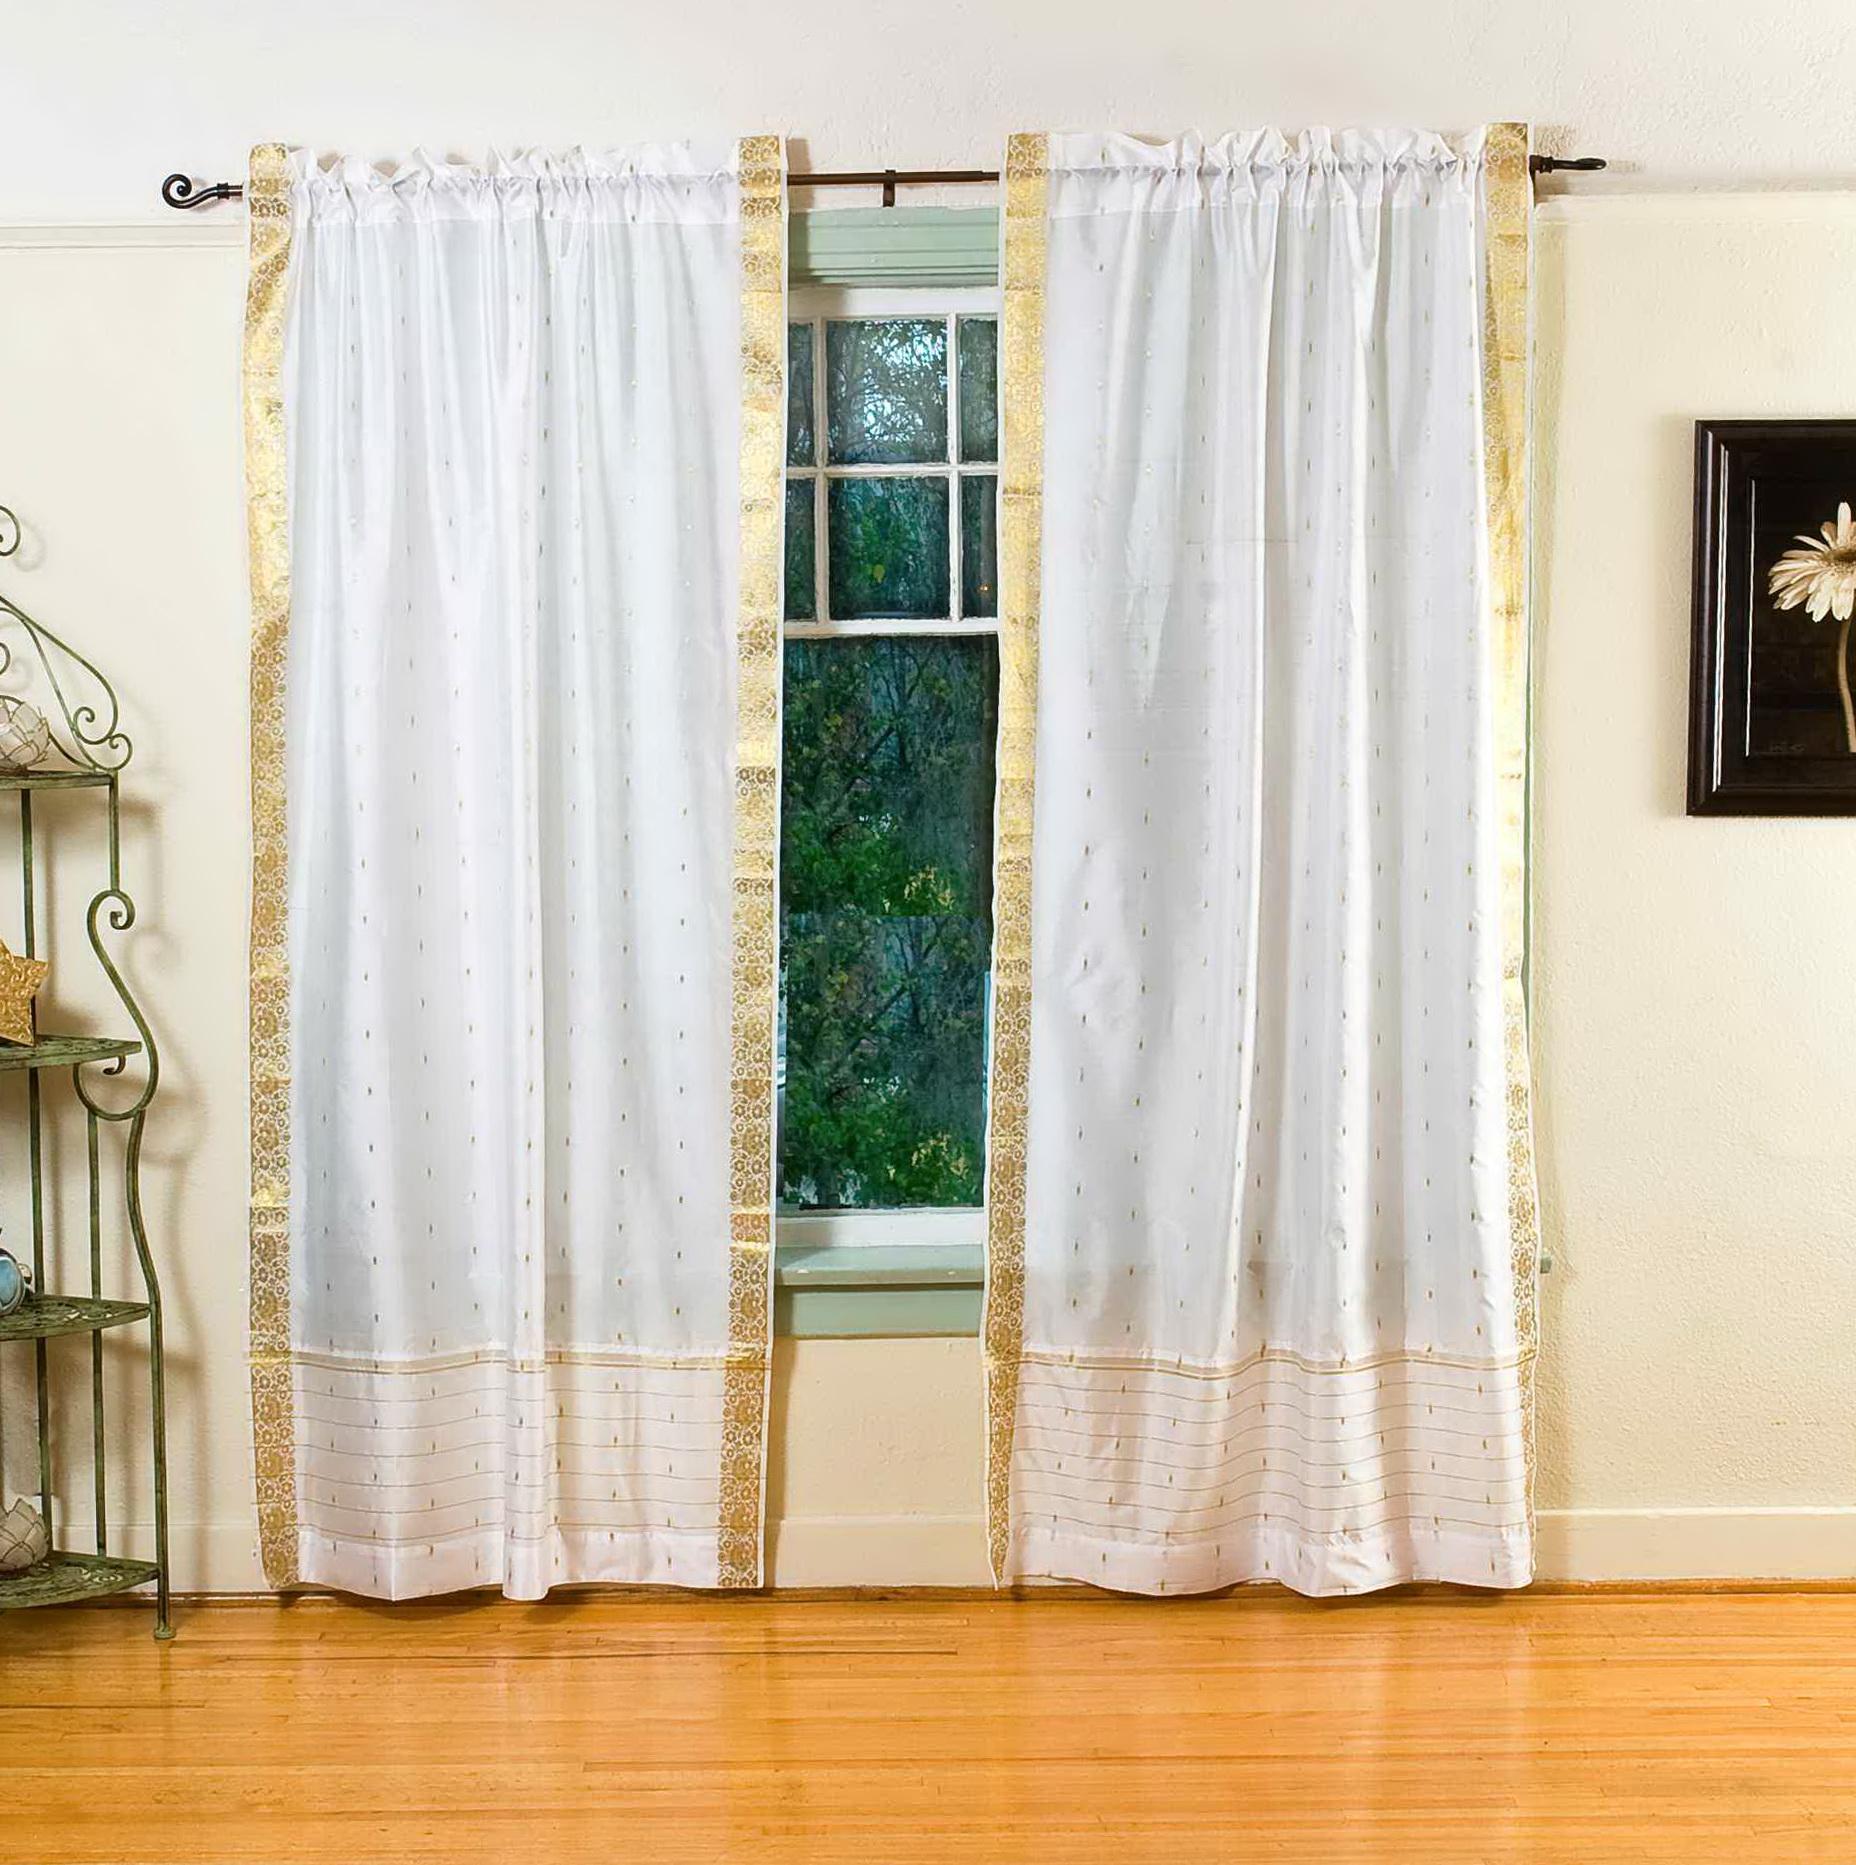 Sheer Curtain Valance Ideas Home Design Ideas